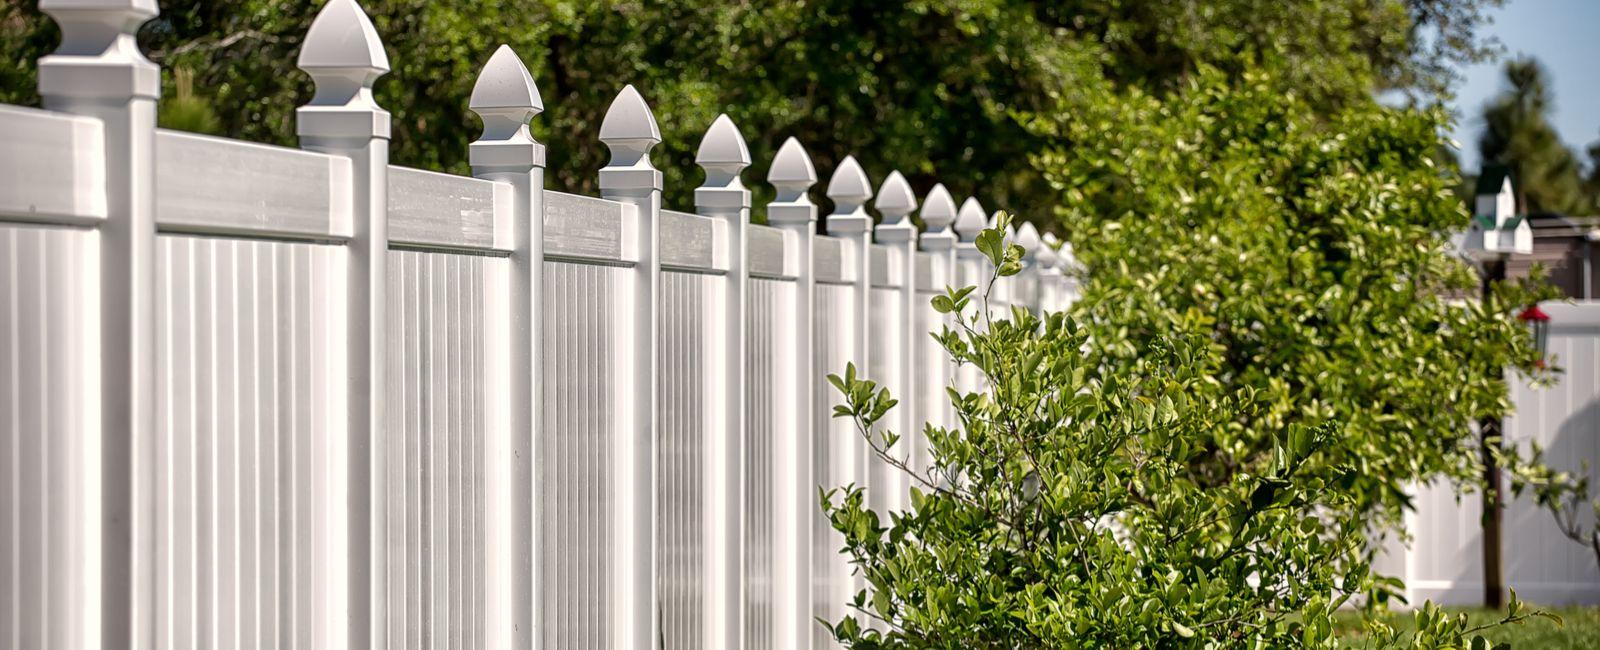 Cloture Jardin Pvc Pas Cher comment installer une clôture economique, pas cher ? prix